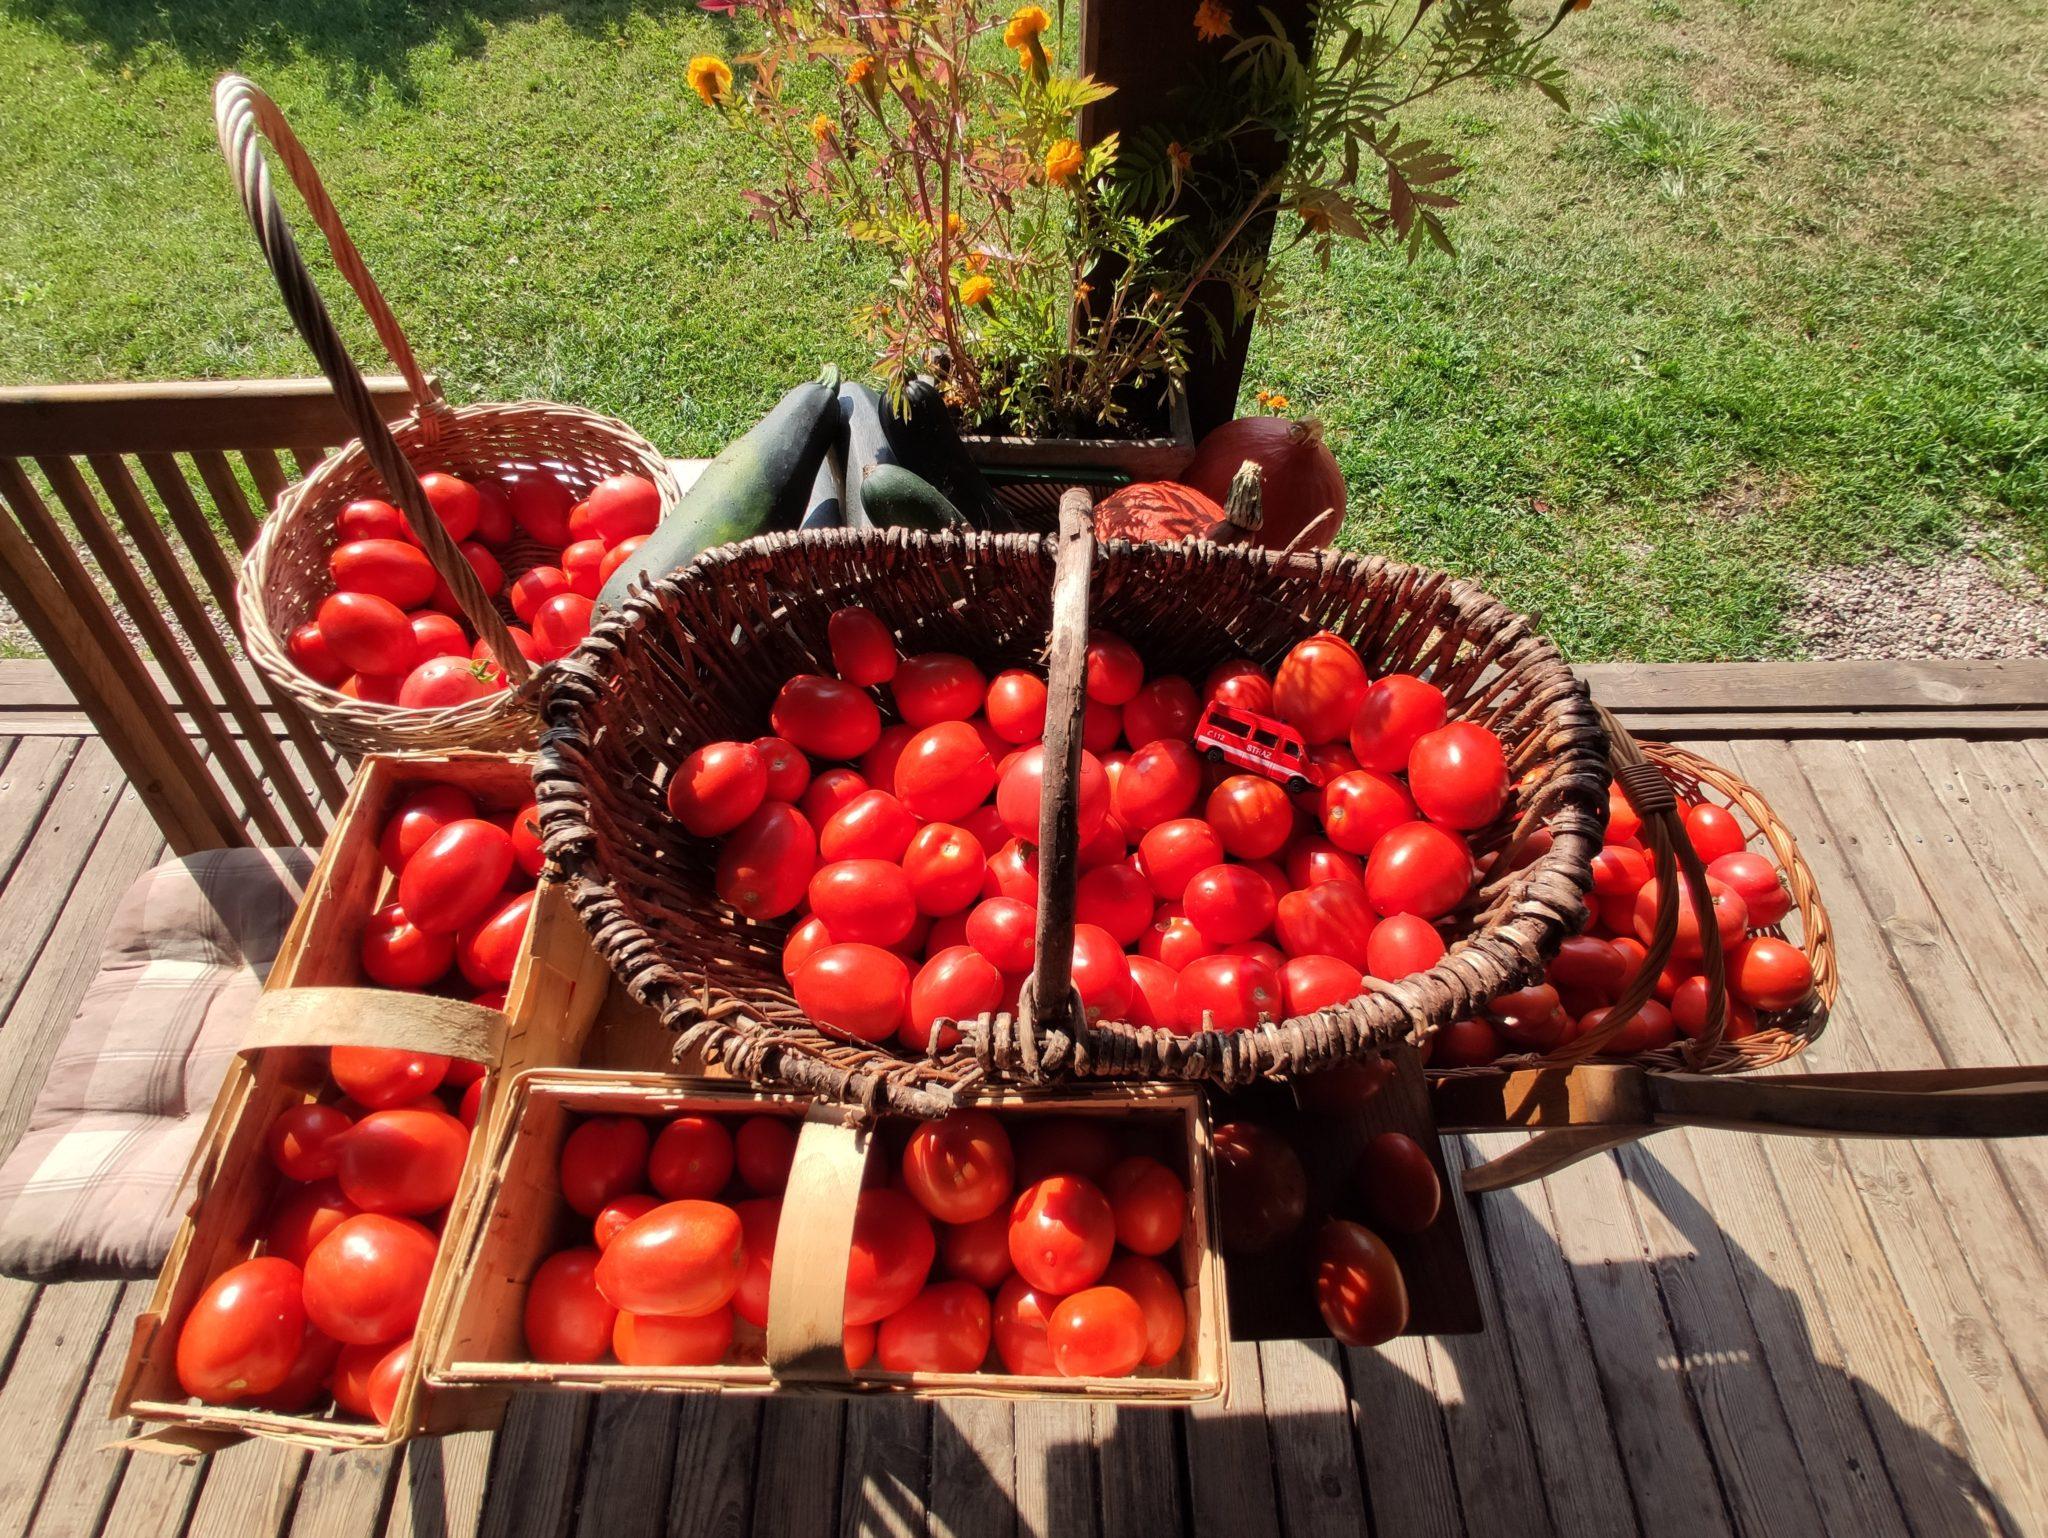 Pyszne jedzenie z naszego ogródka